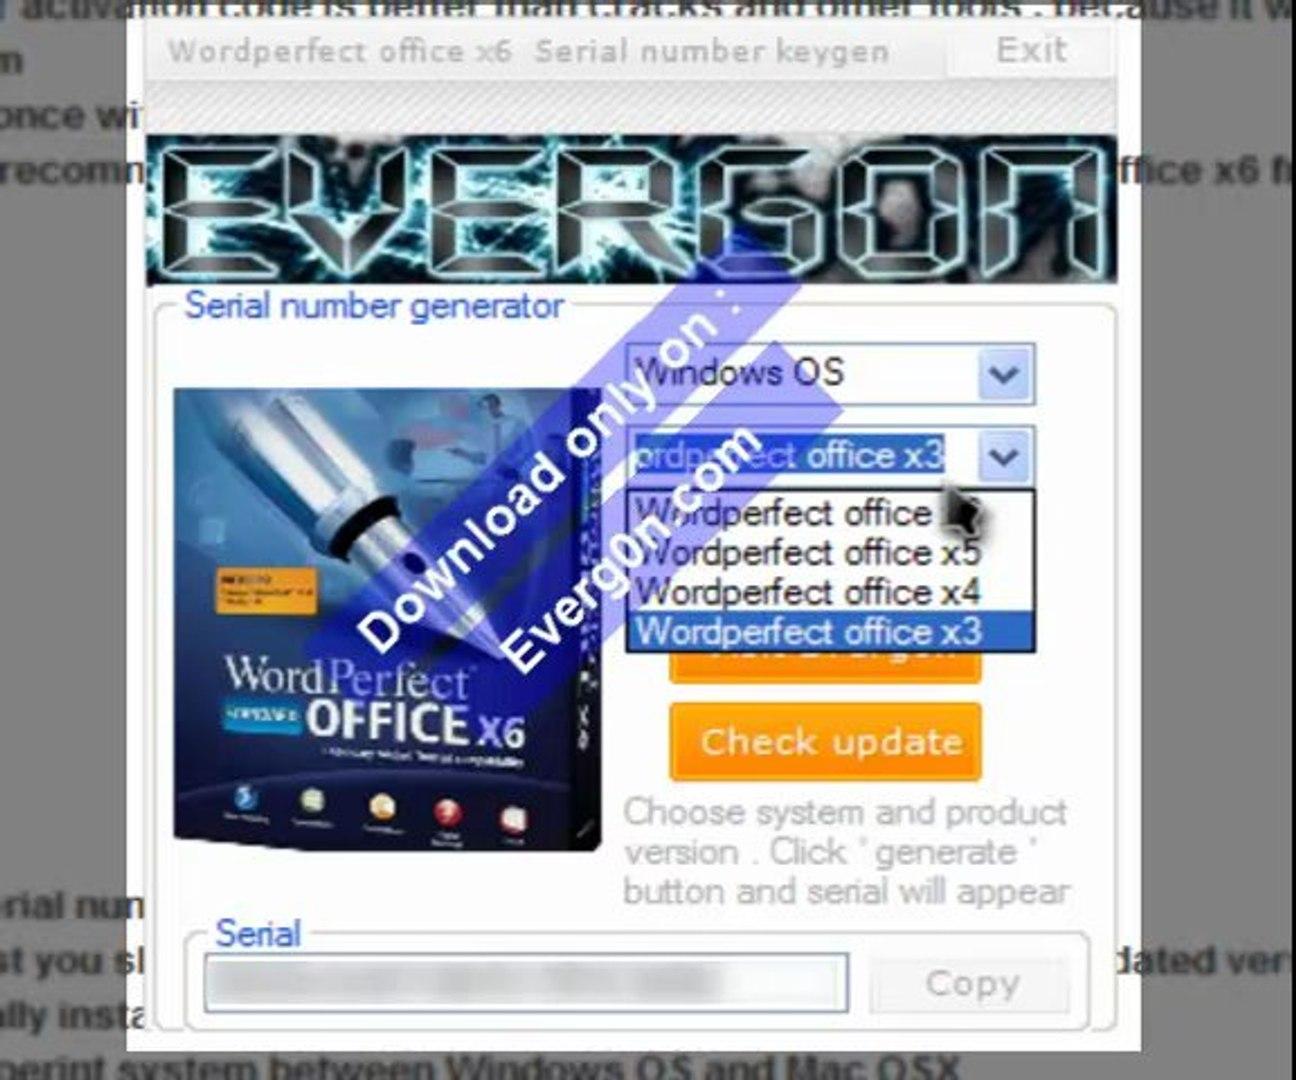 Corel Wordperfect Office x6 Serial number keygen by Everg0n